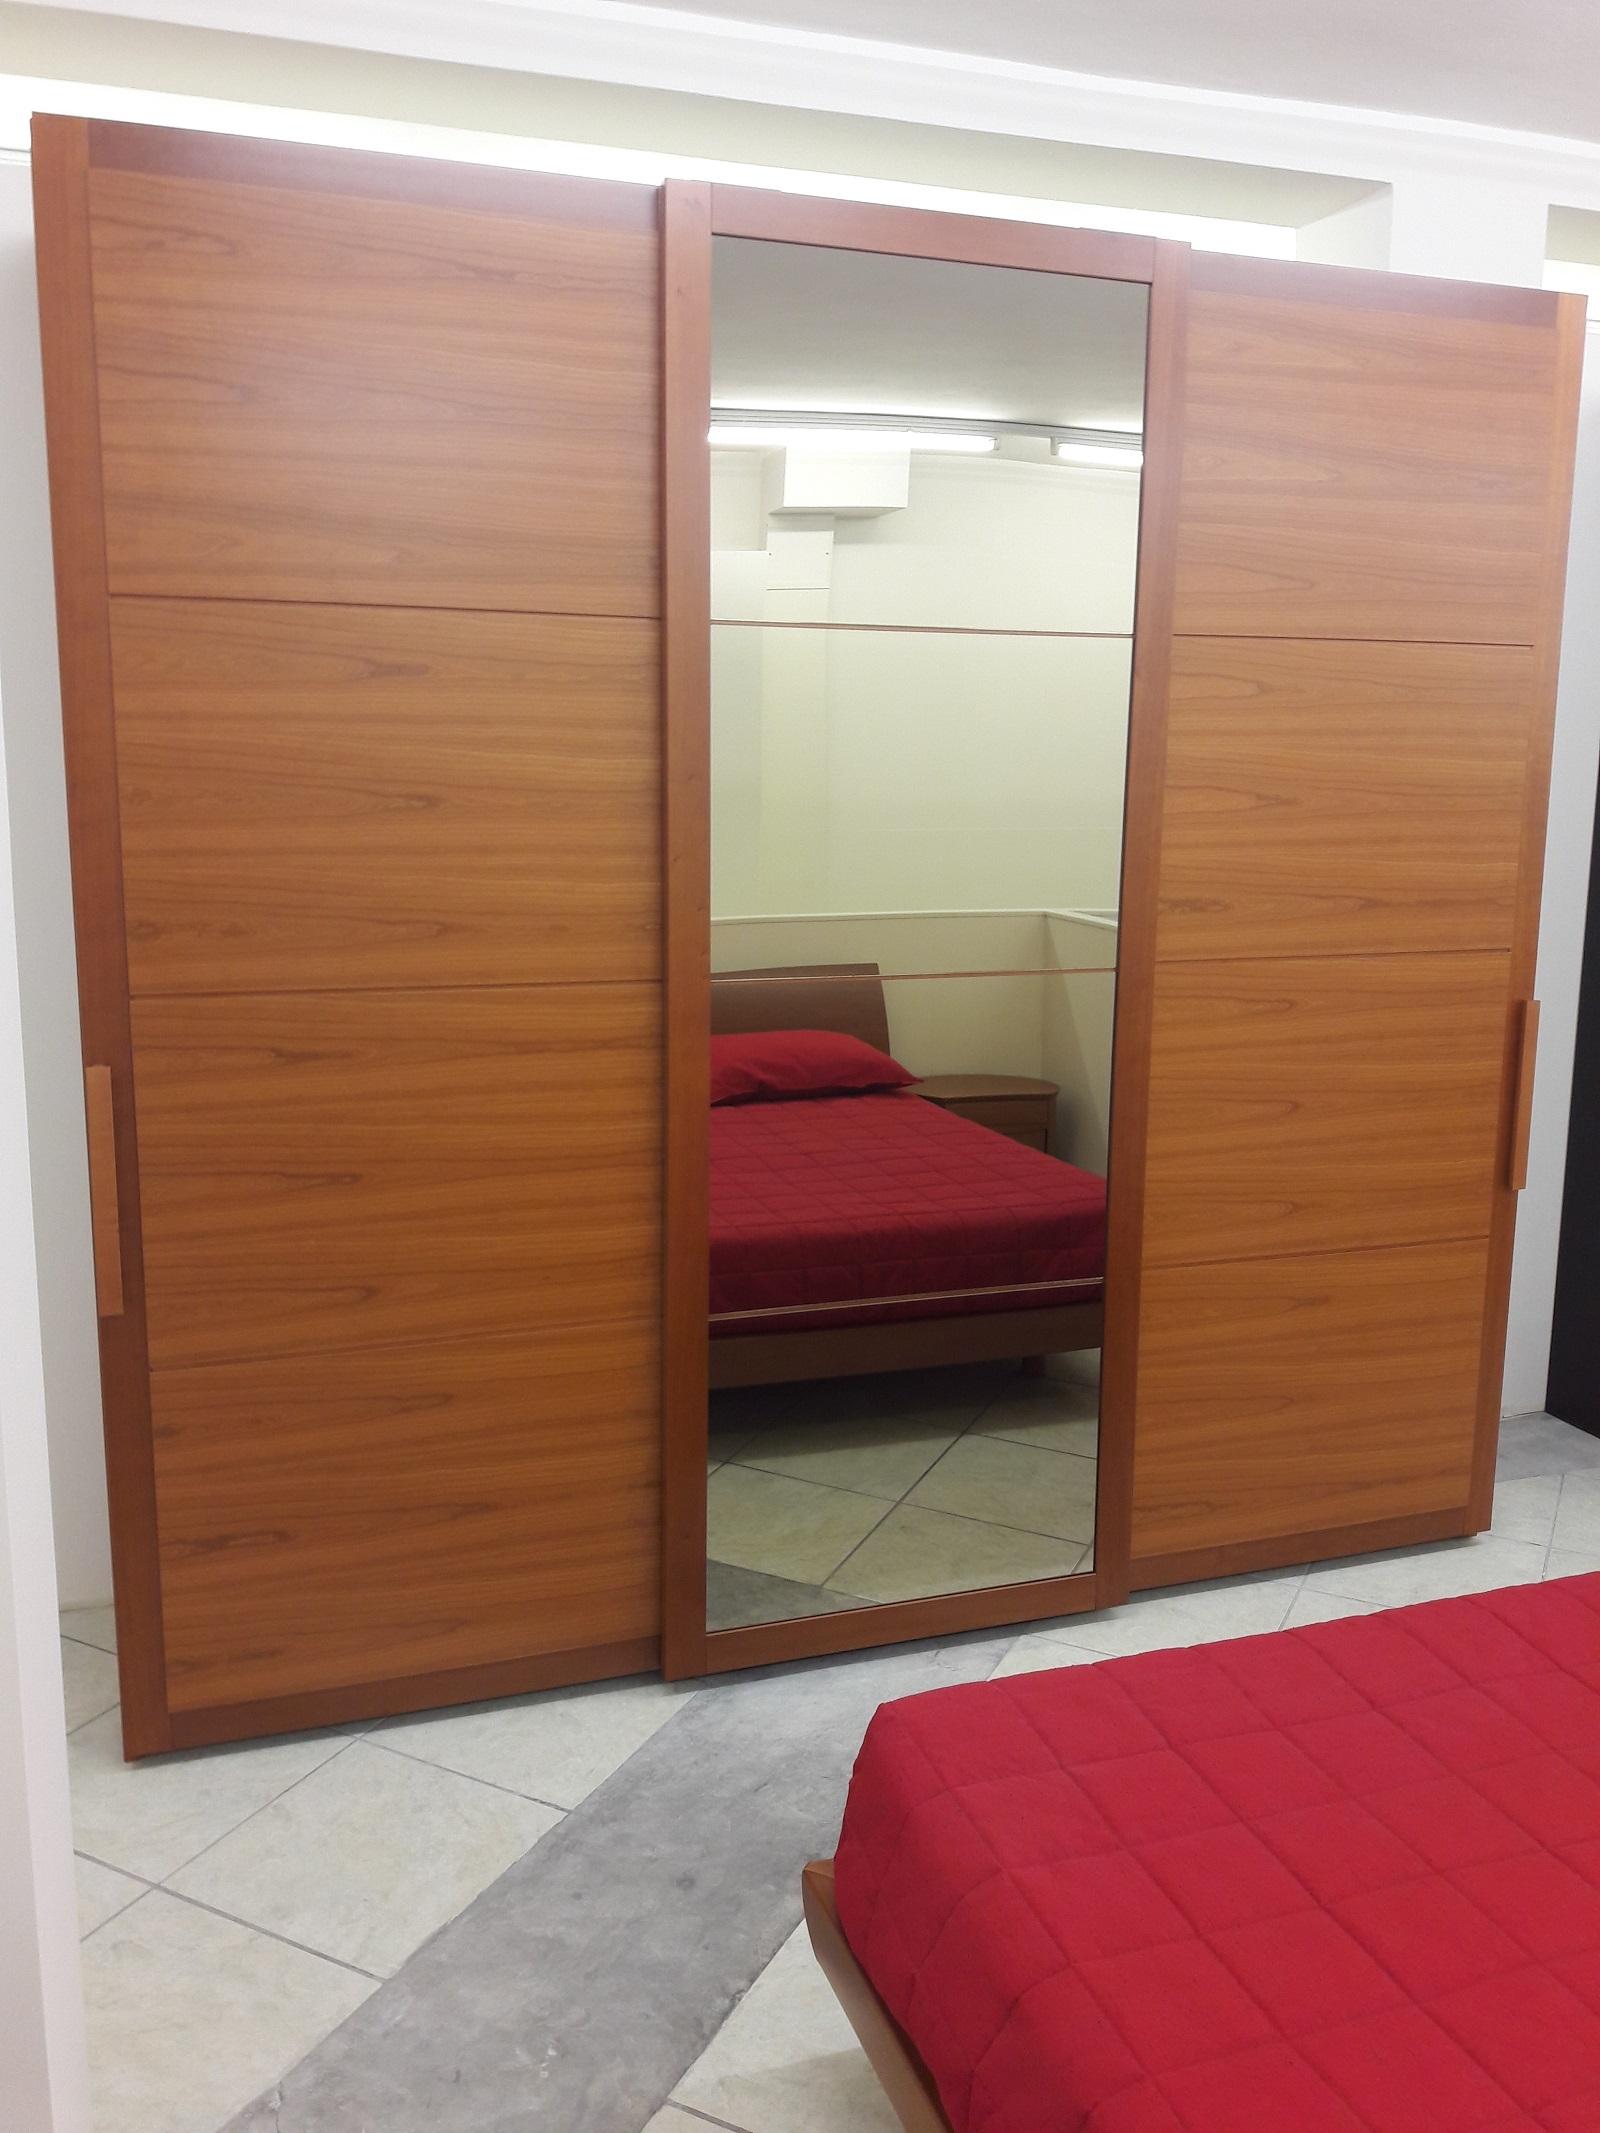 Camera moderna in legno ciliegio completa armadio - Armadio ciliegio specchio ...